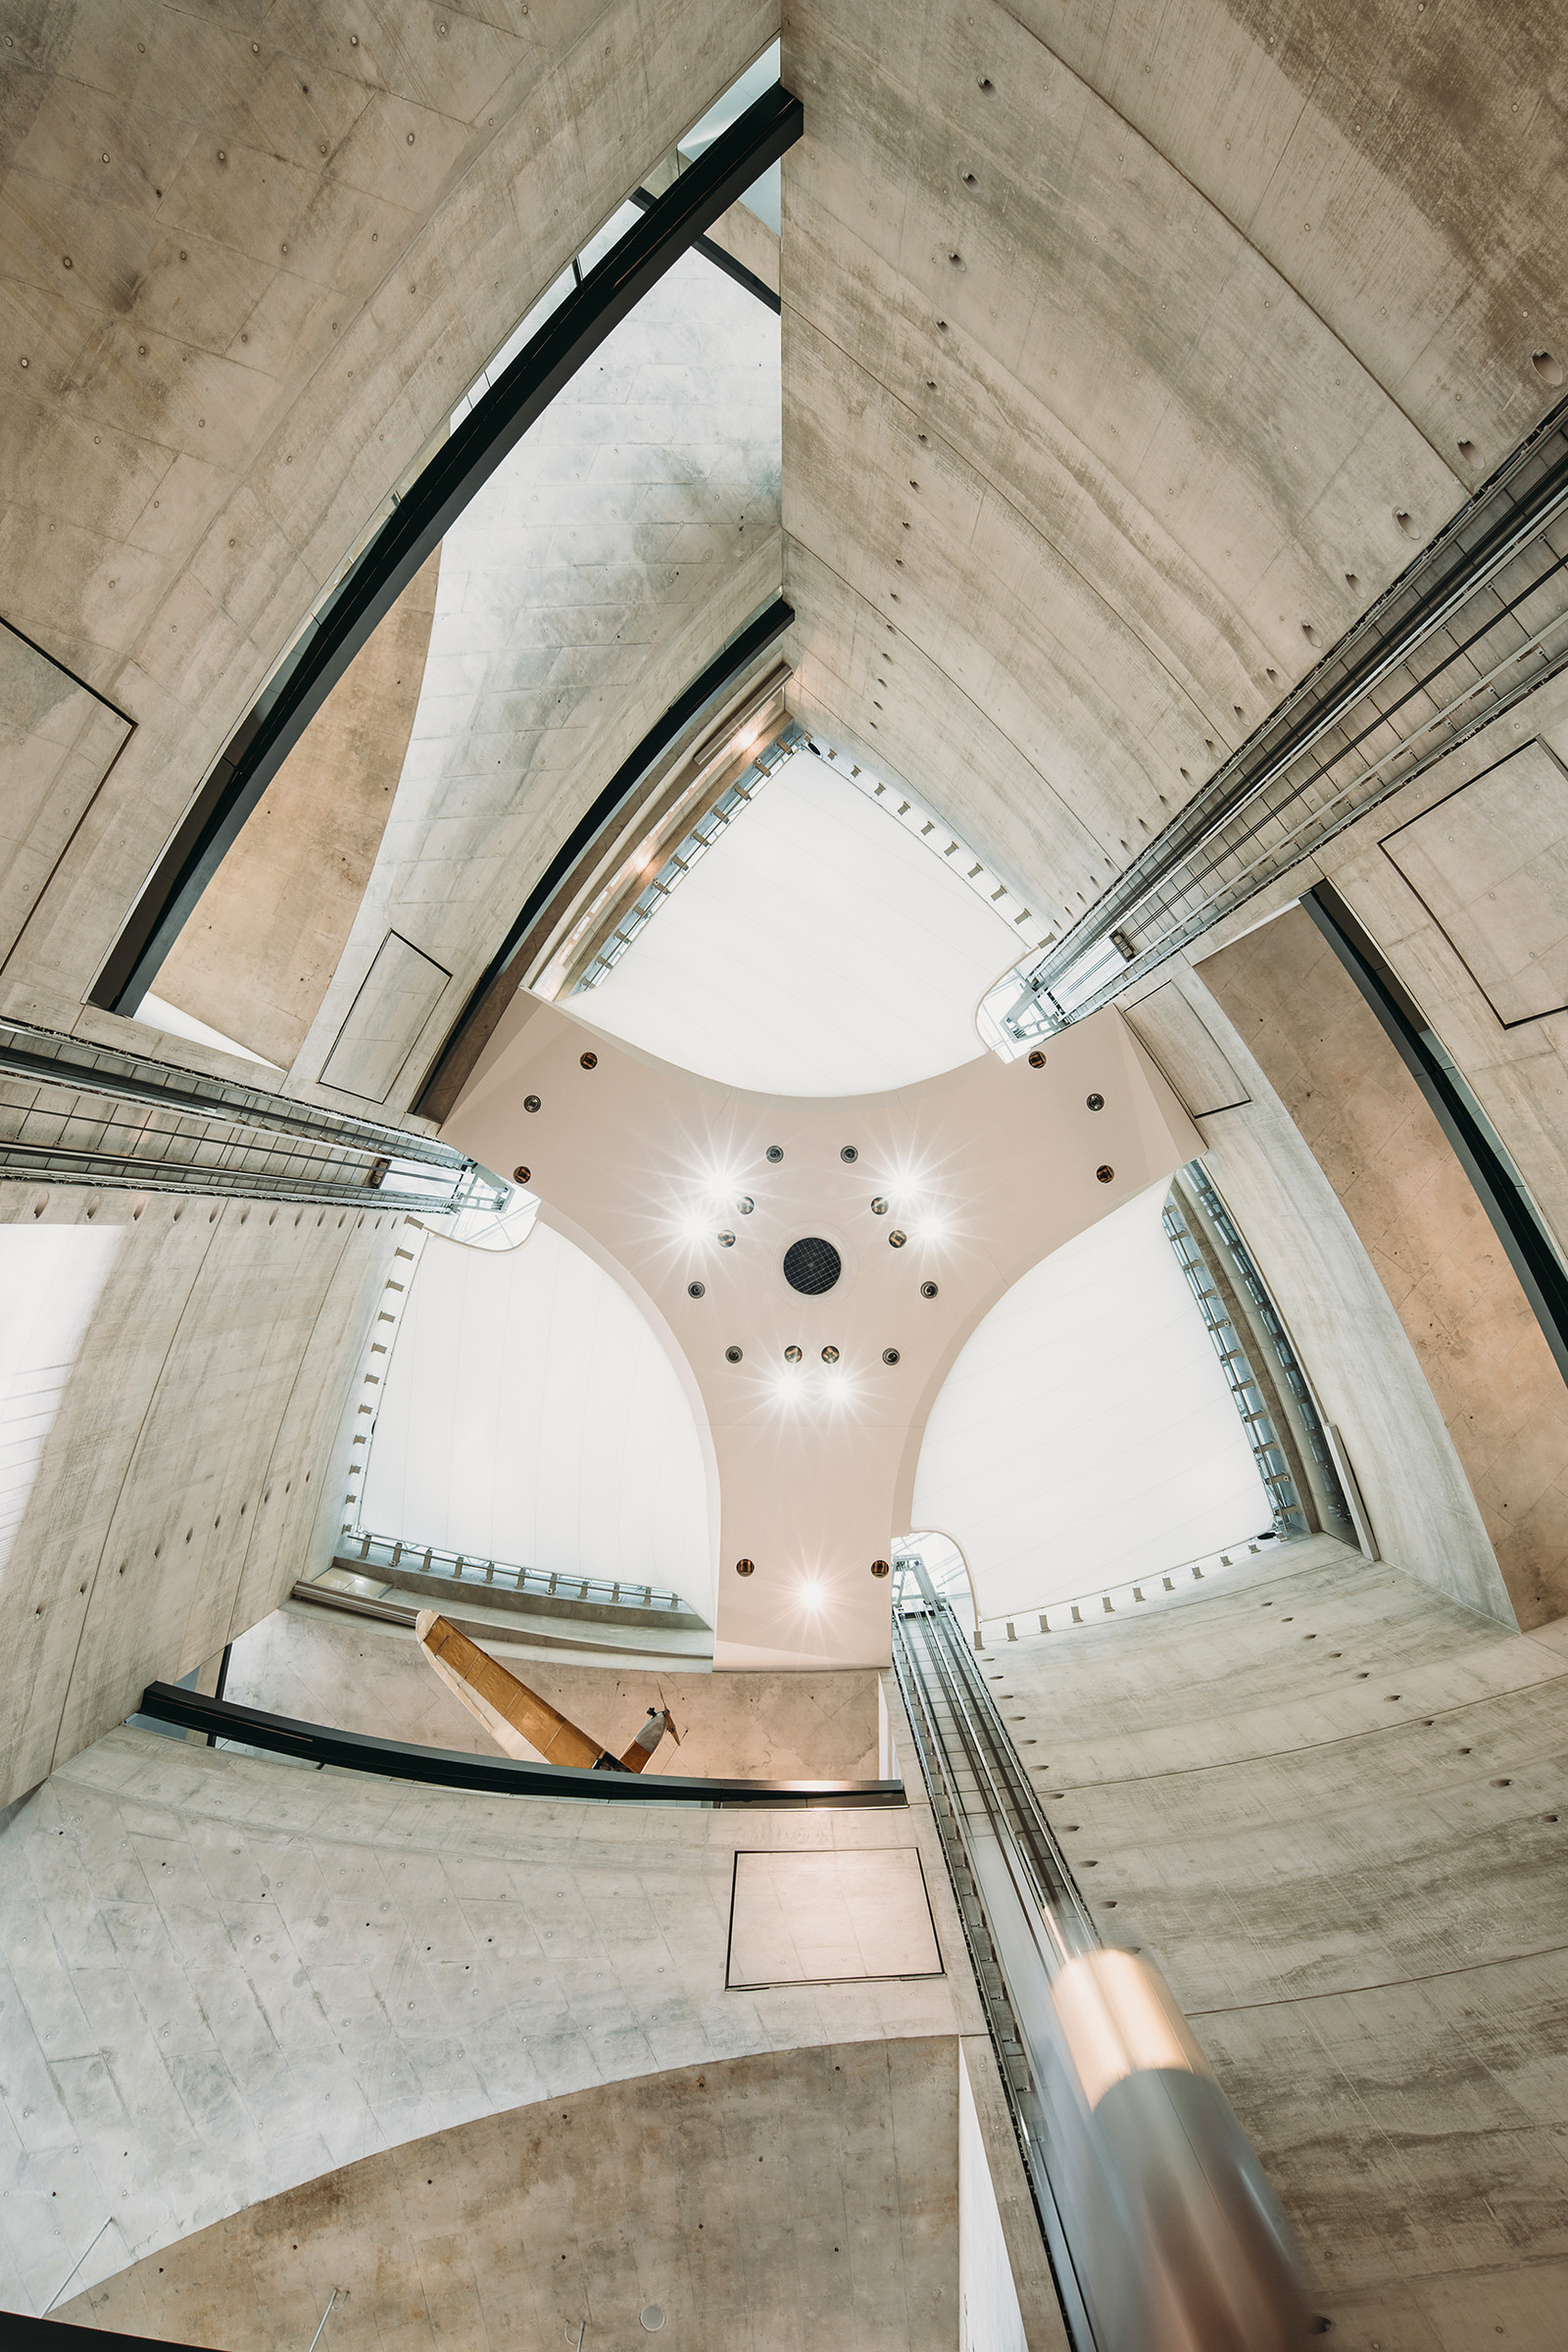 Дизайн и архитектура музея Mercedes-Benz в Штутгарте